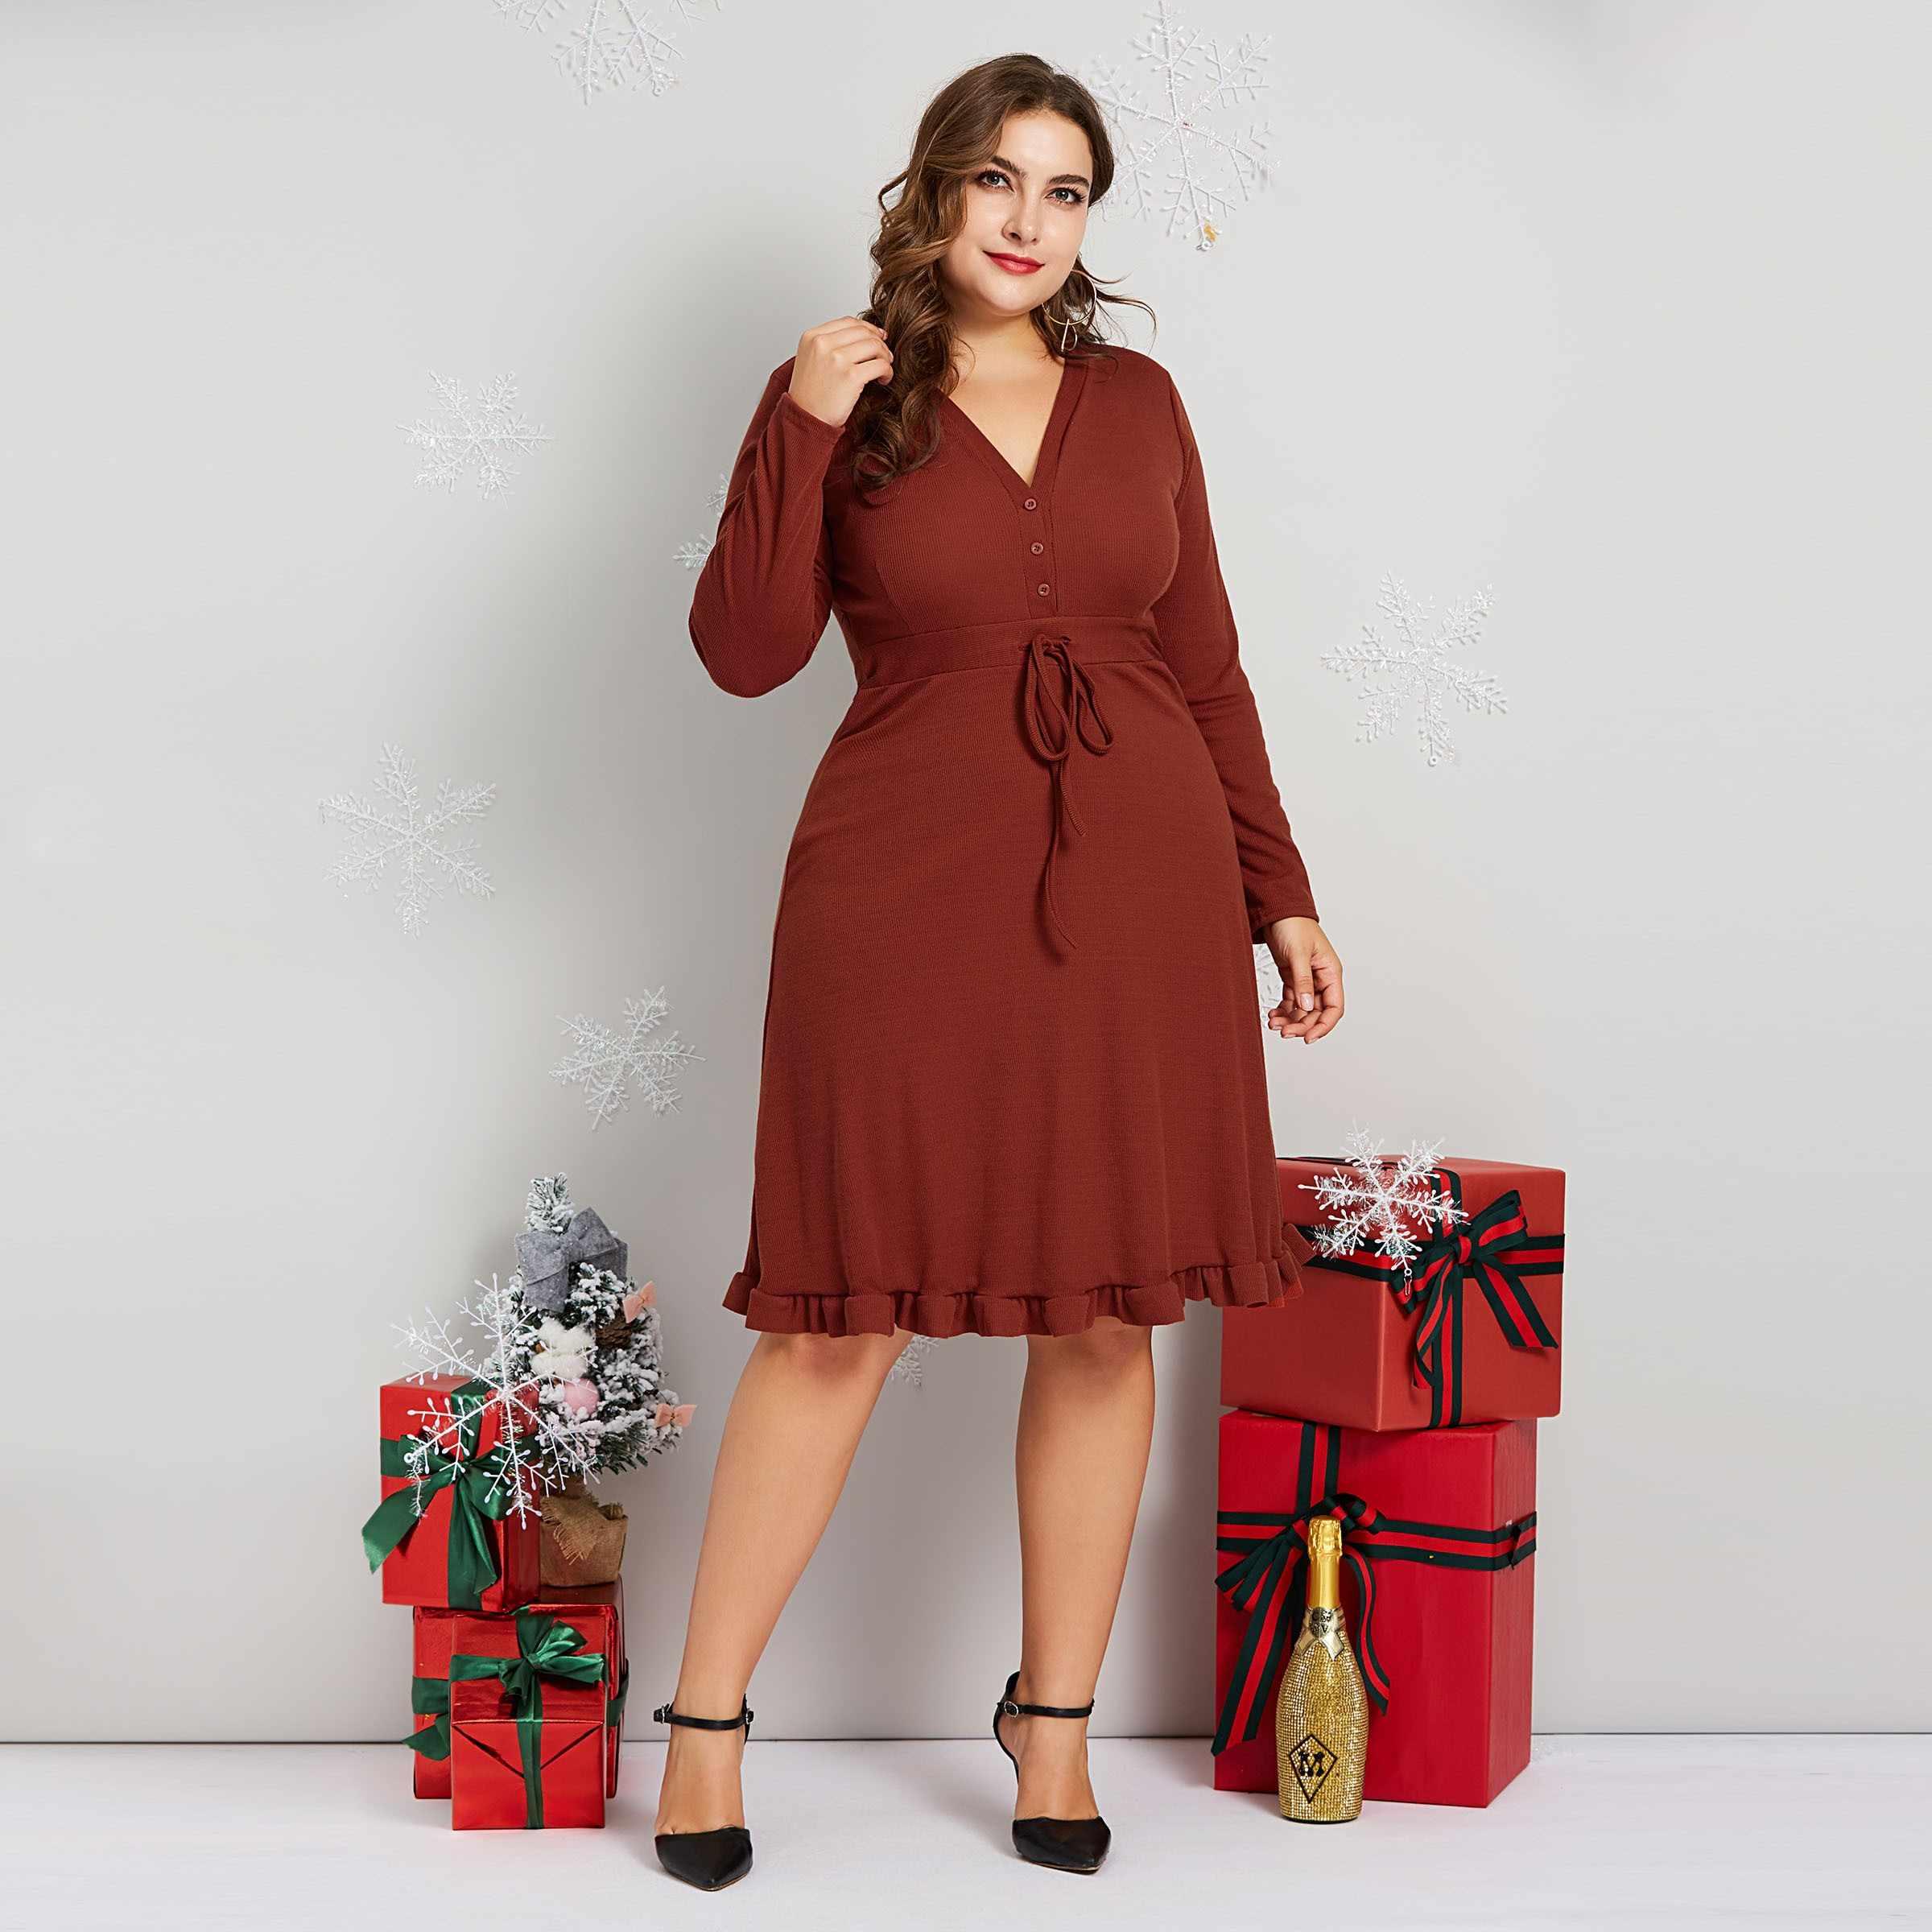 ab3048c43b3 Plusee Vintage Dresses Elegant A Line Women Drawstring Slim Elastic Ladies  Autumn High Street Simple Fashion